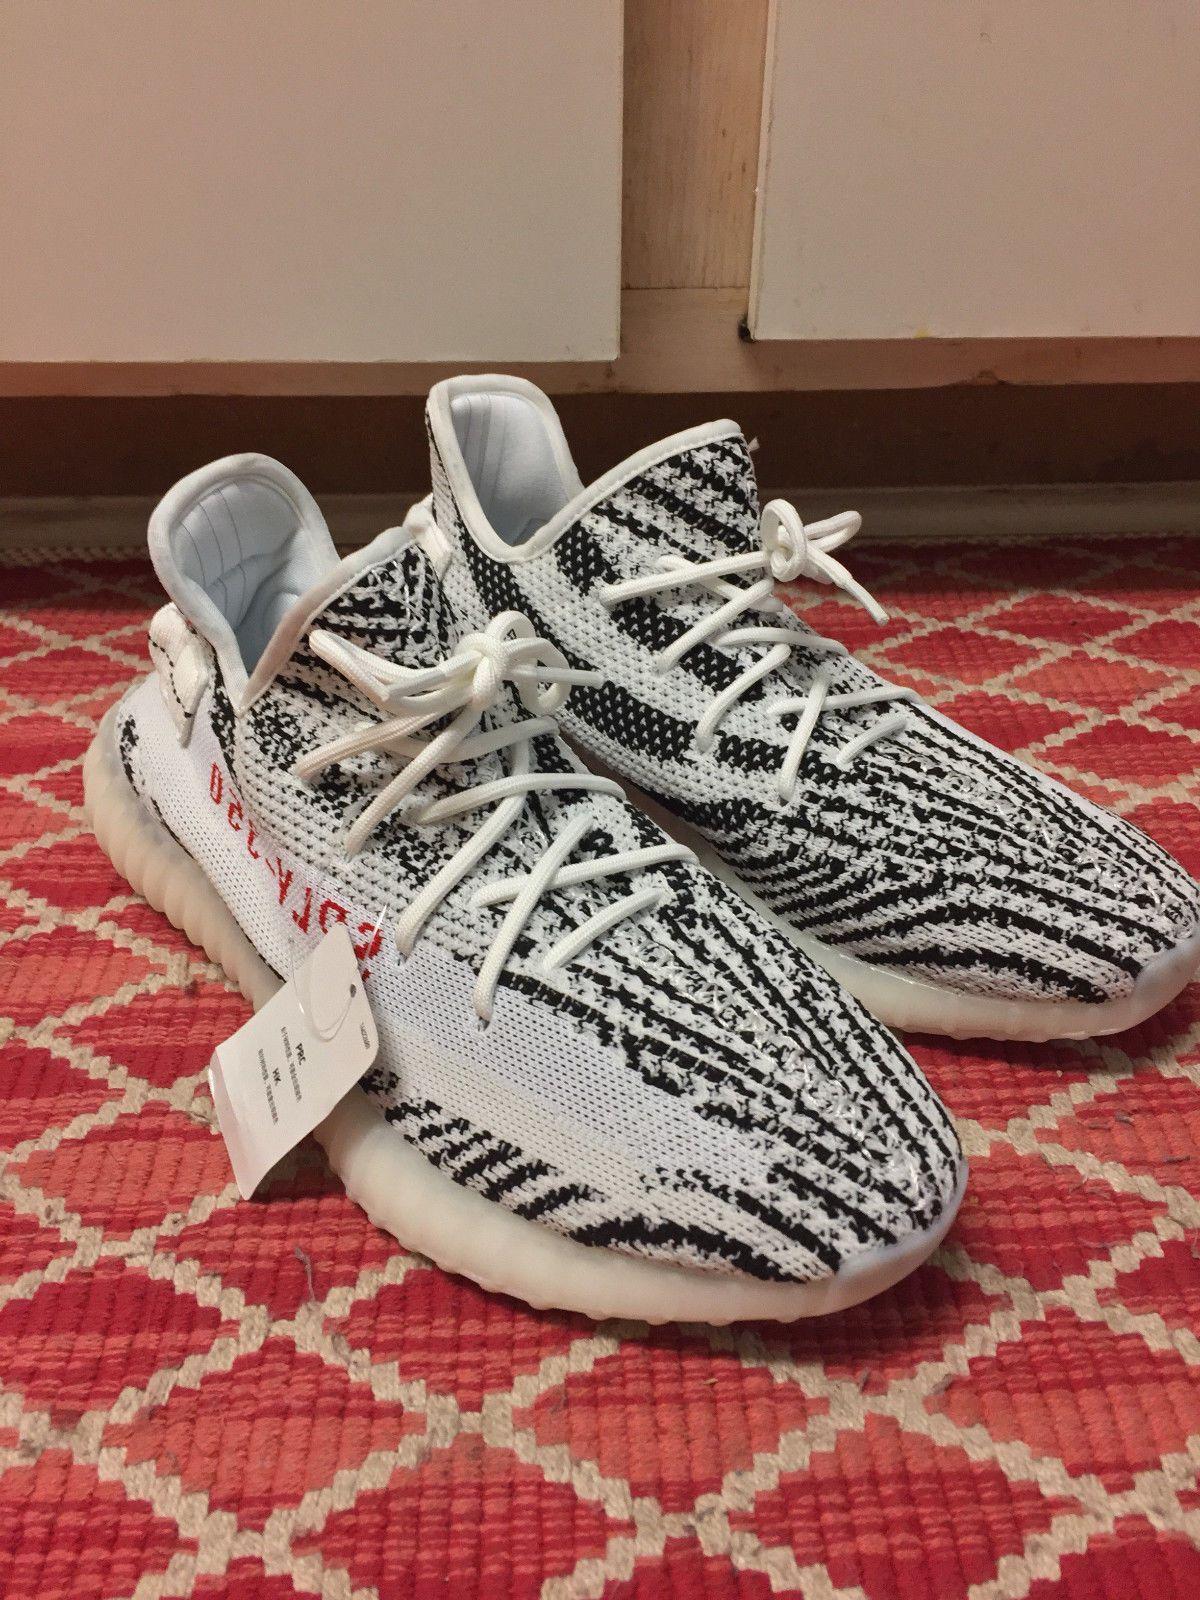 adidas yeezy boost 350 v2 zebra size 10 2baf09ac3